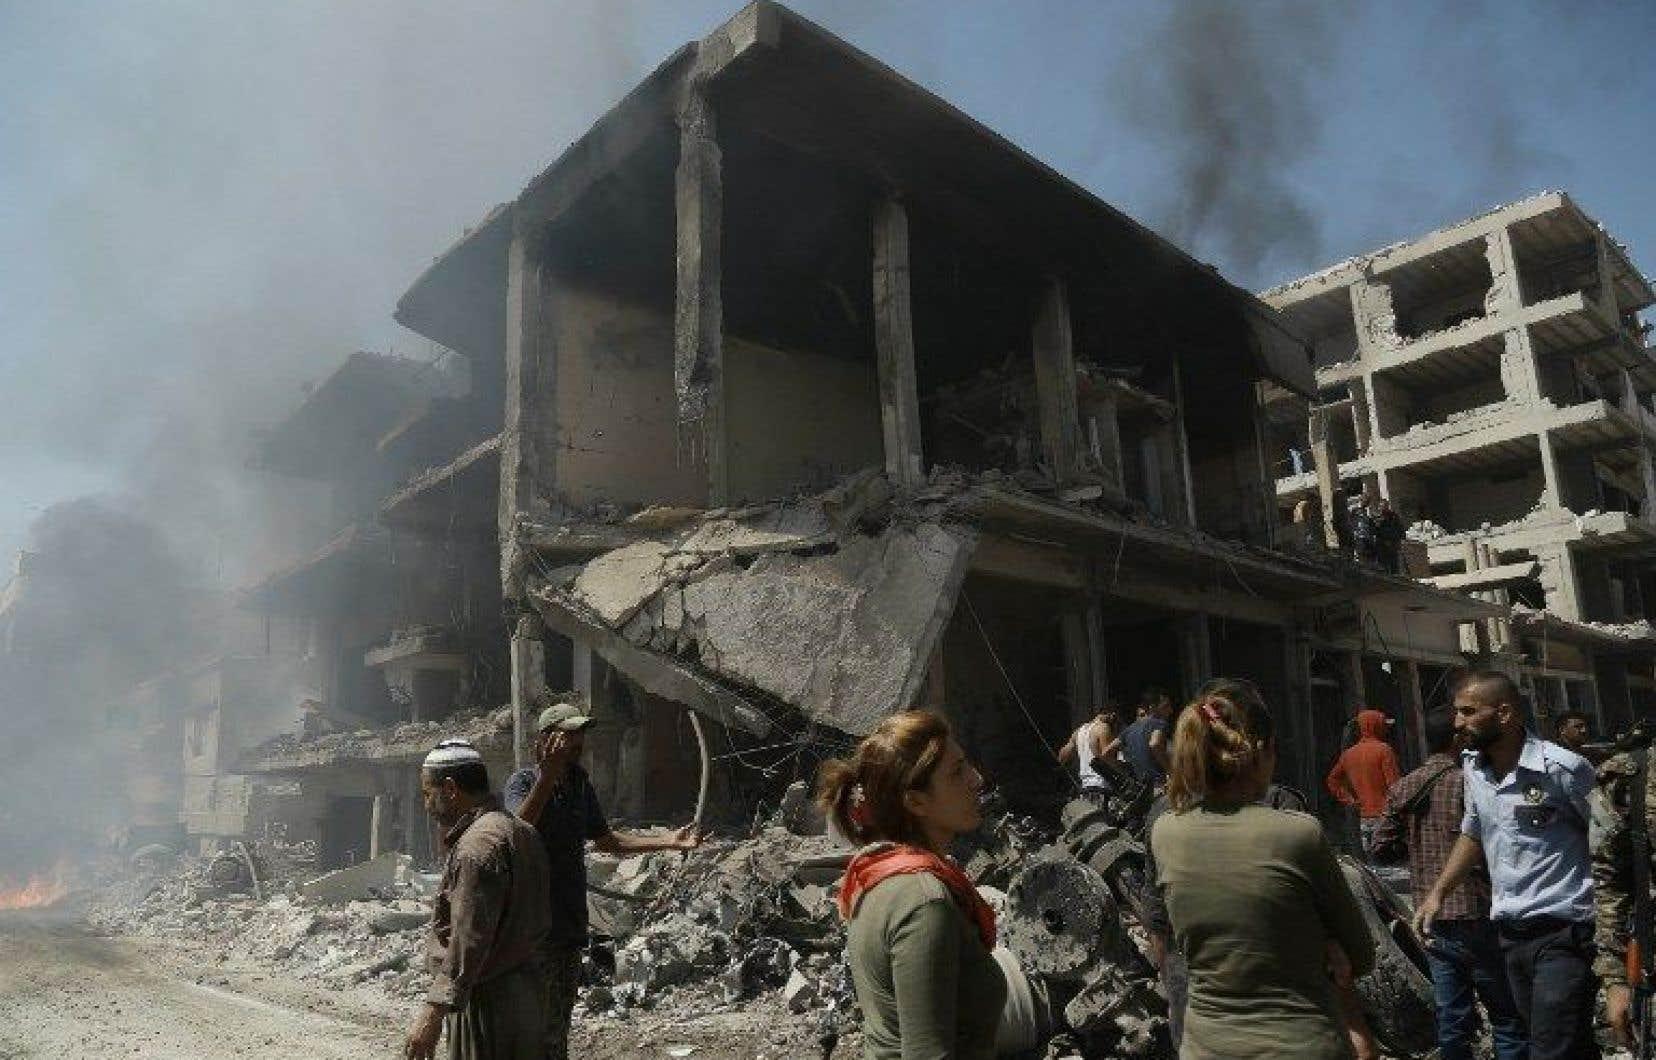 Des images de l'attentat montrent un secteur dévasté, une chaussée recouverte de débris et plusieurs immeubles très endommagés.